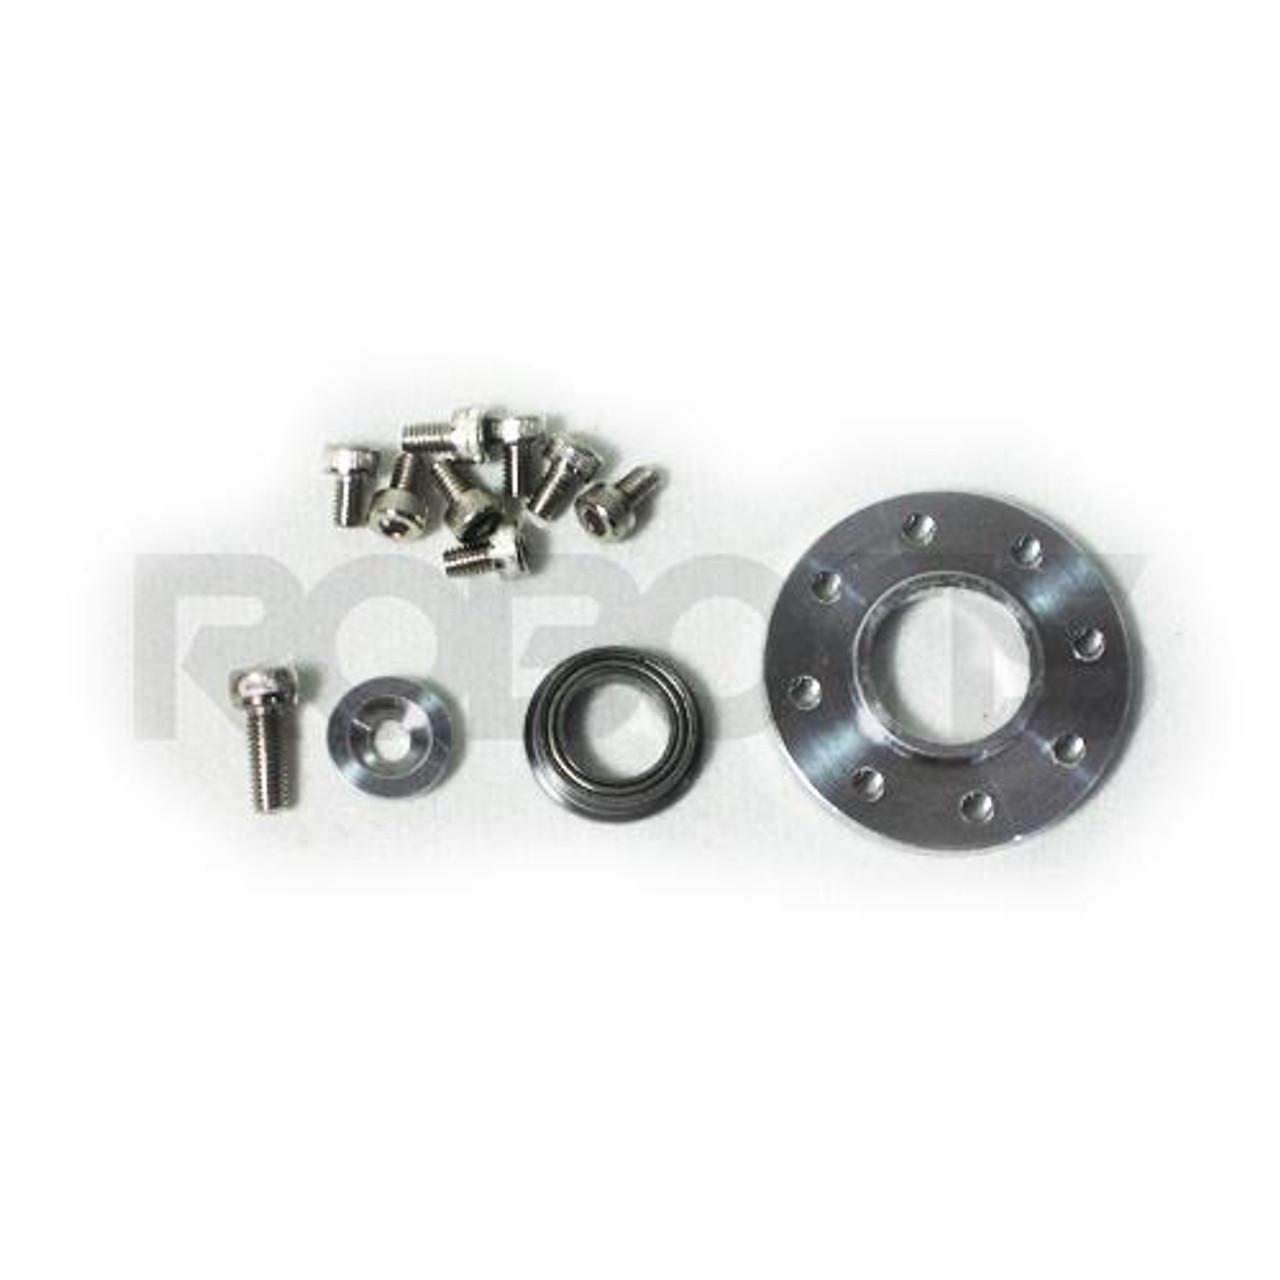 HN05-I1 Set